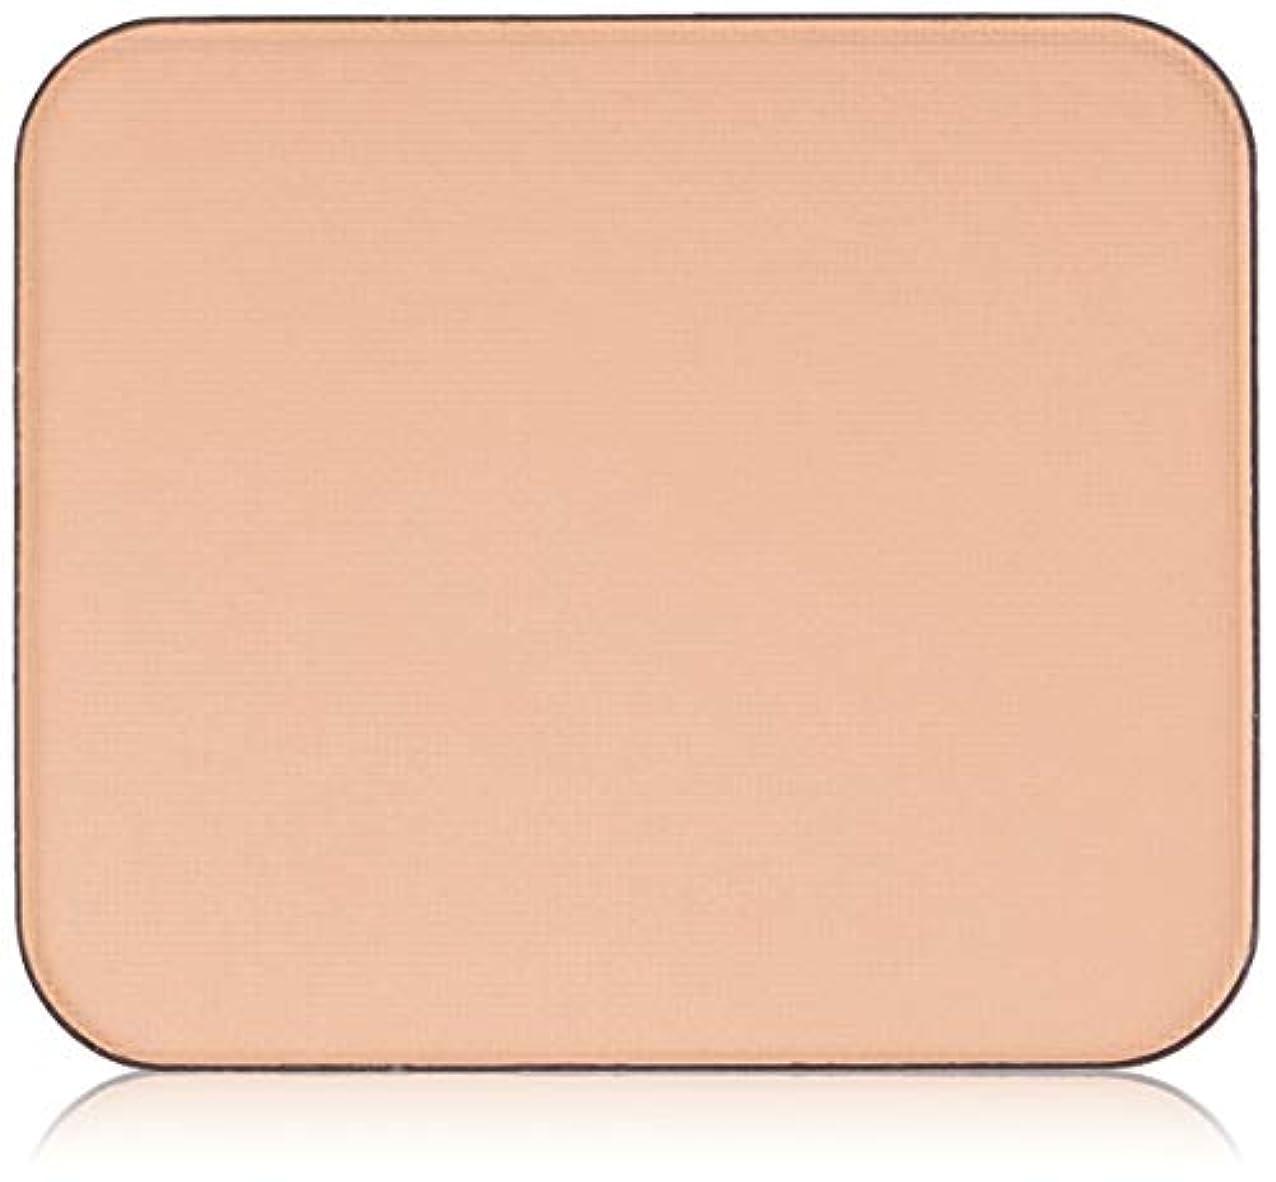 ポジション中古知覚するCelvoke(セルヴォーク) インテントスキン パウダーファンデーション 全5色 102 明るいオークル系(標準色)